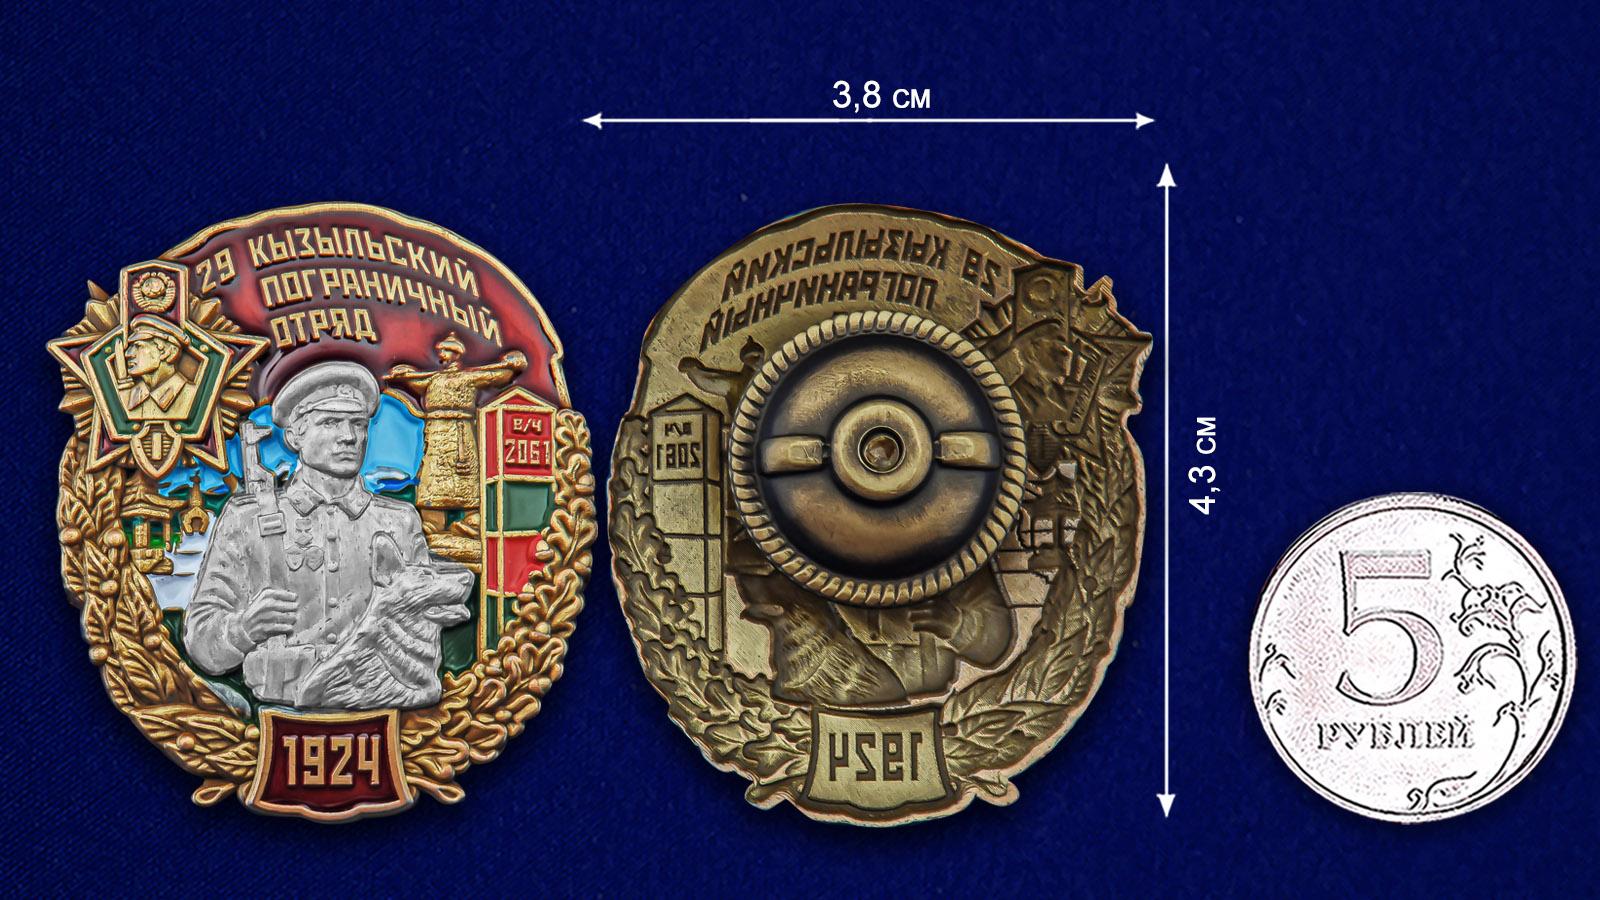 Нагрудный знак 29 Кызыльский Пограничный отряд - сравнительный вид